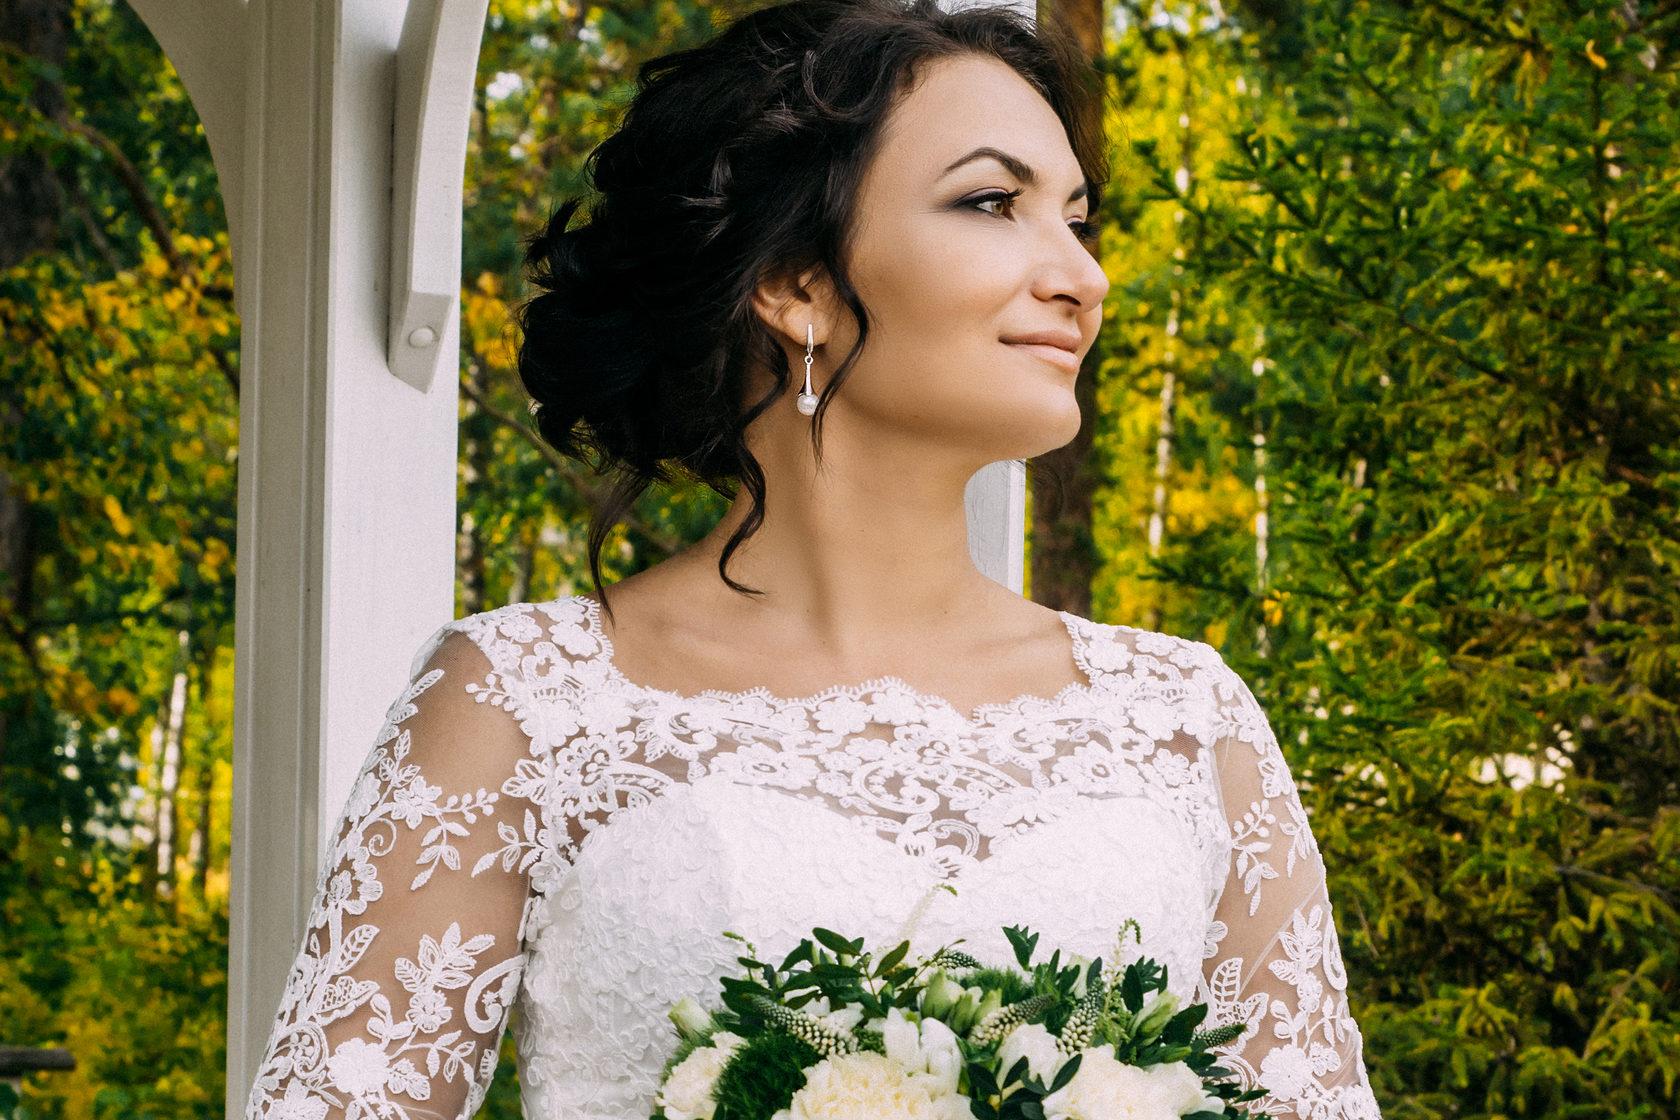 таким объективом рейтинг свадебных фотографов красноярск подход есть модернизация